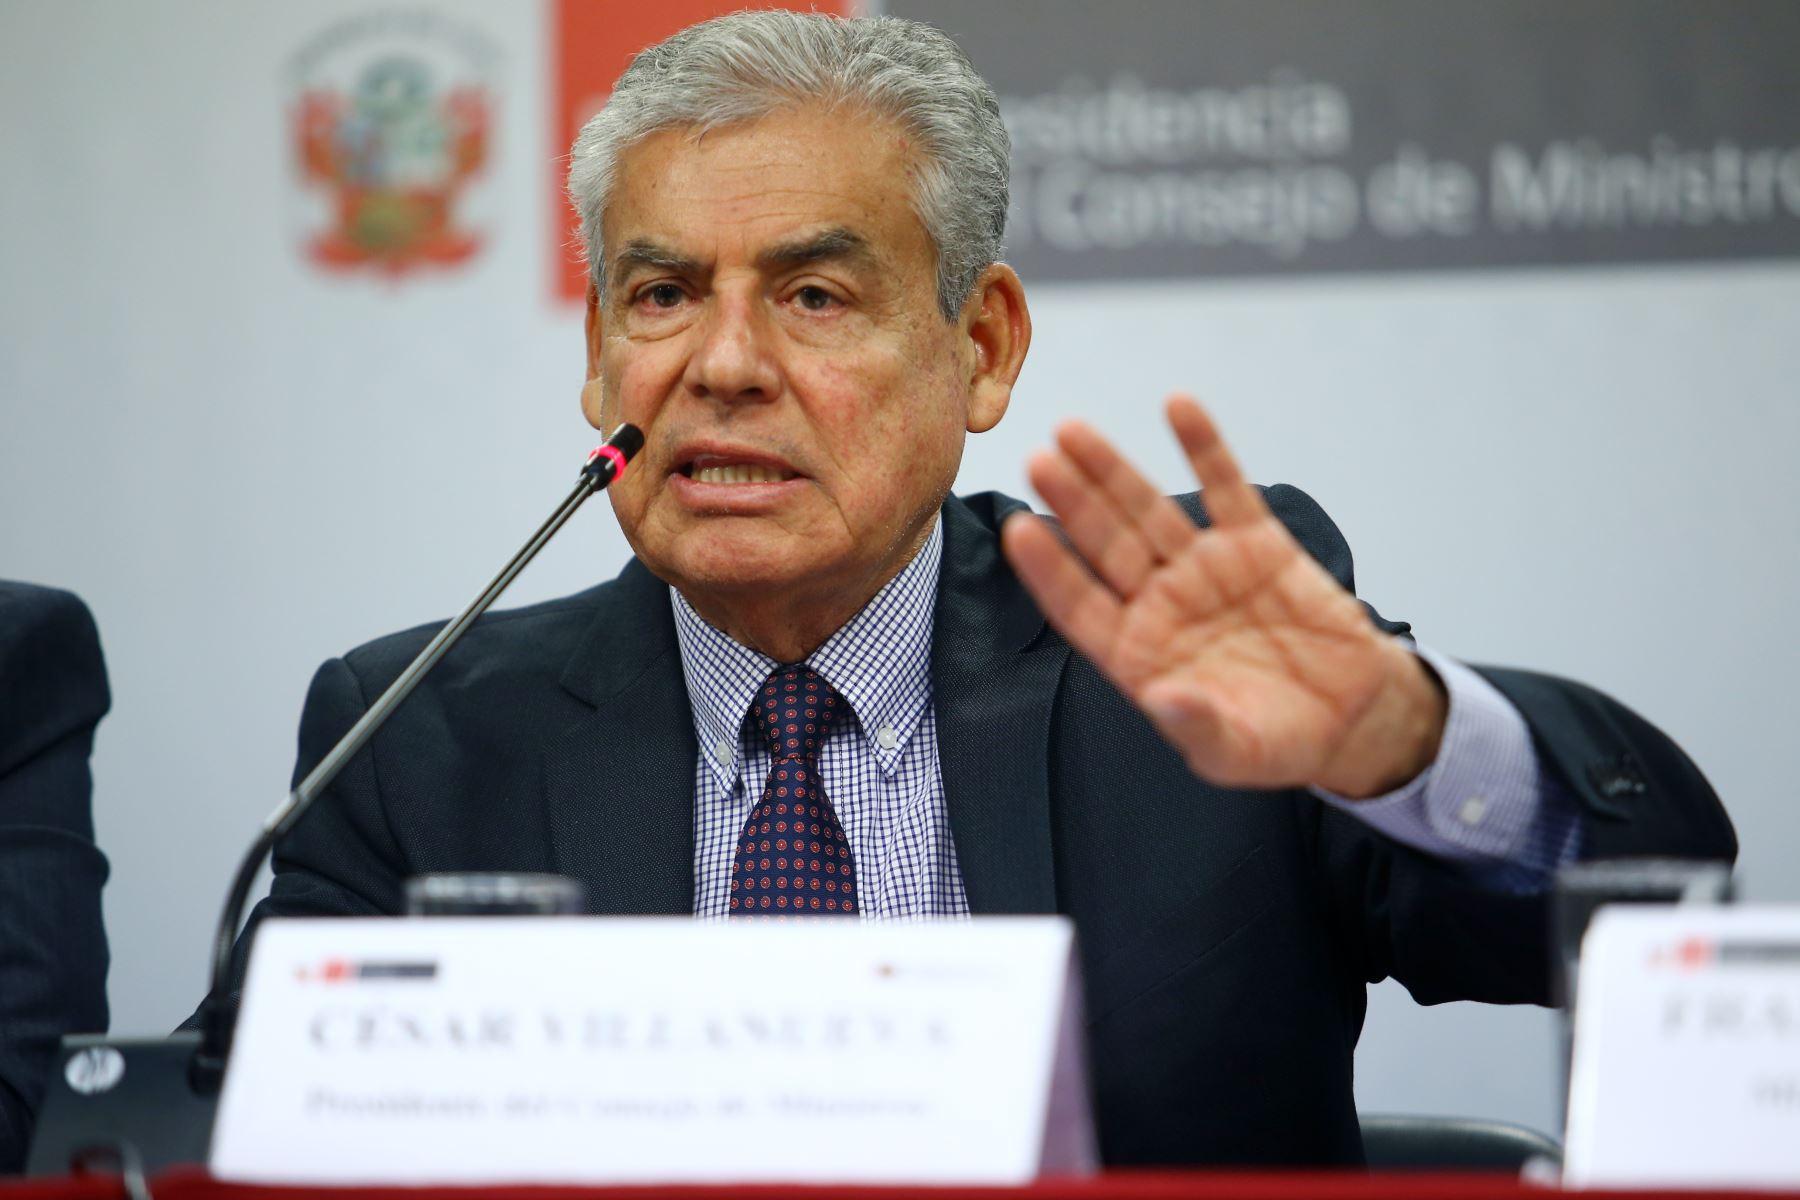 Jefe del Gabinete, César Villanueva, en conferencia de prensa tras reunión del Consejo de Ministros. Foto: ANDINA/Melina Mejía.